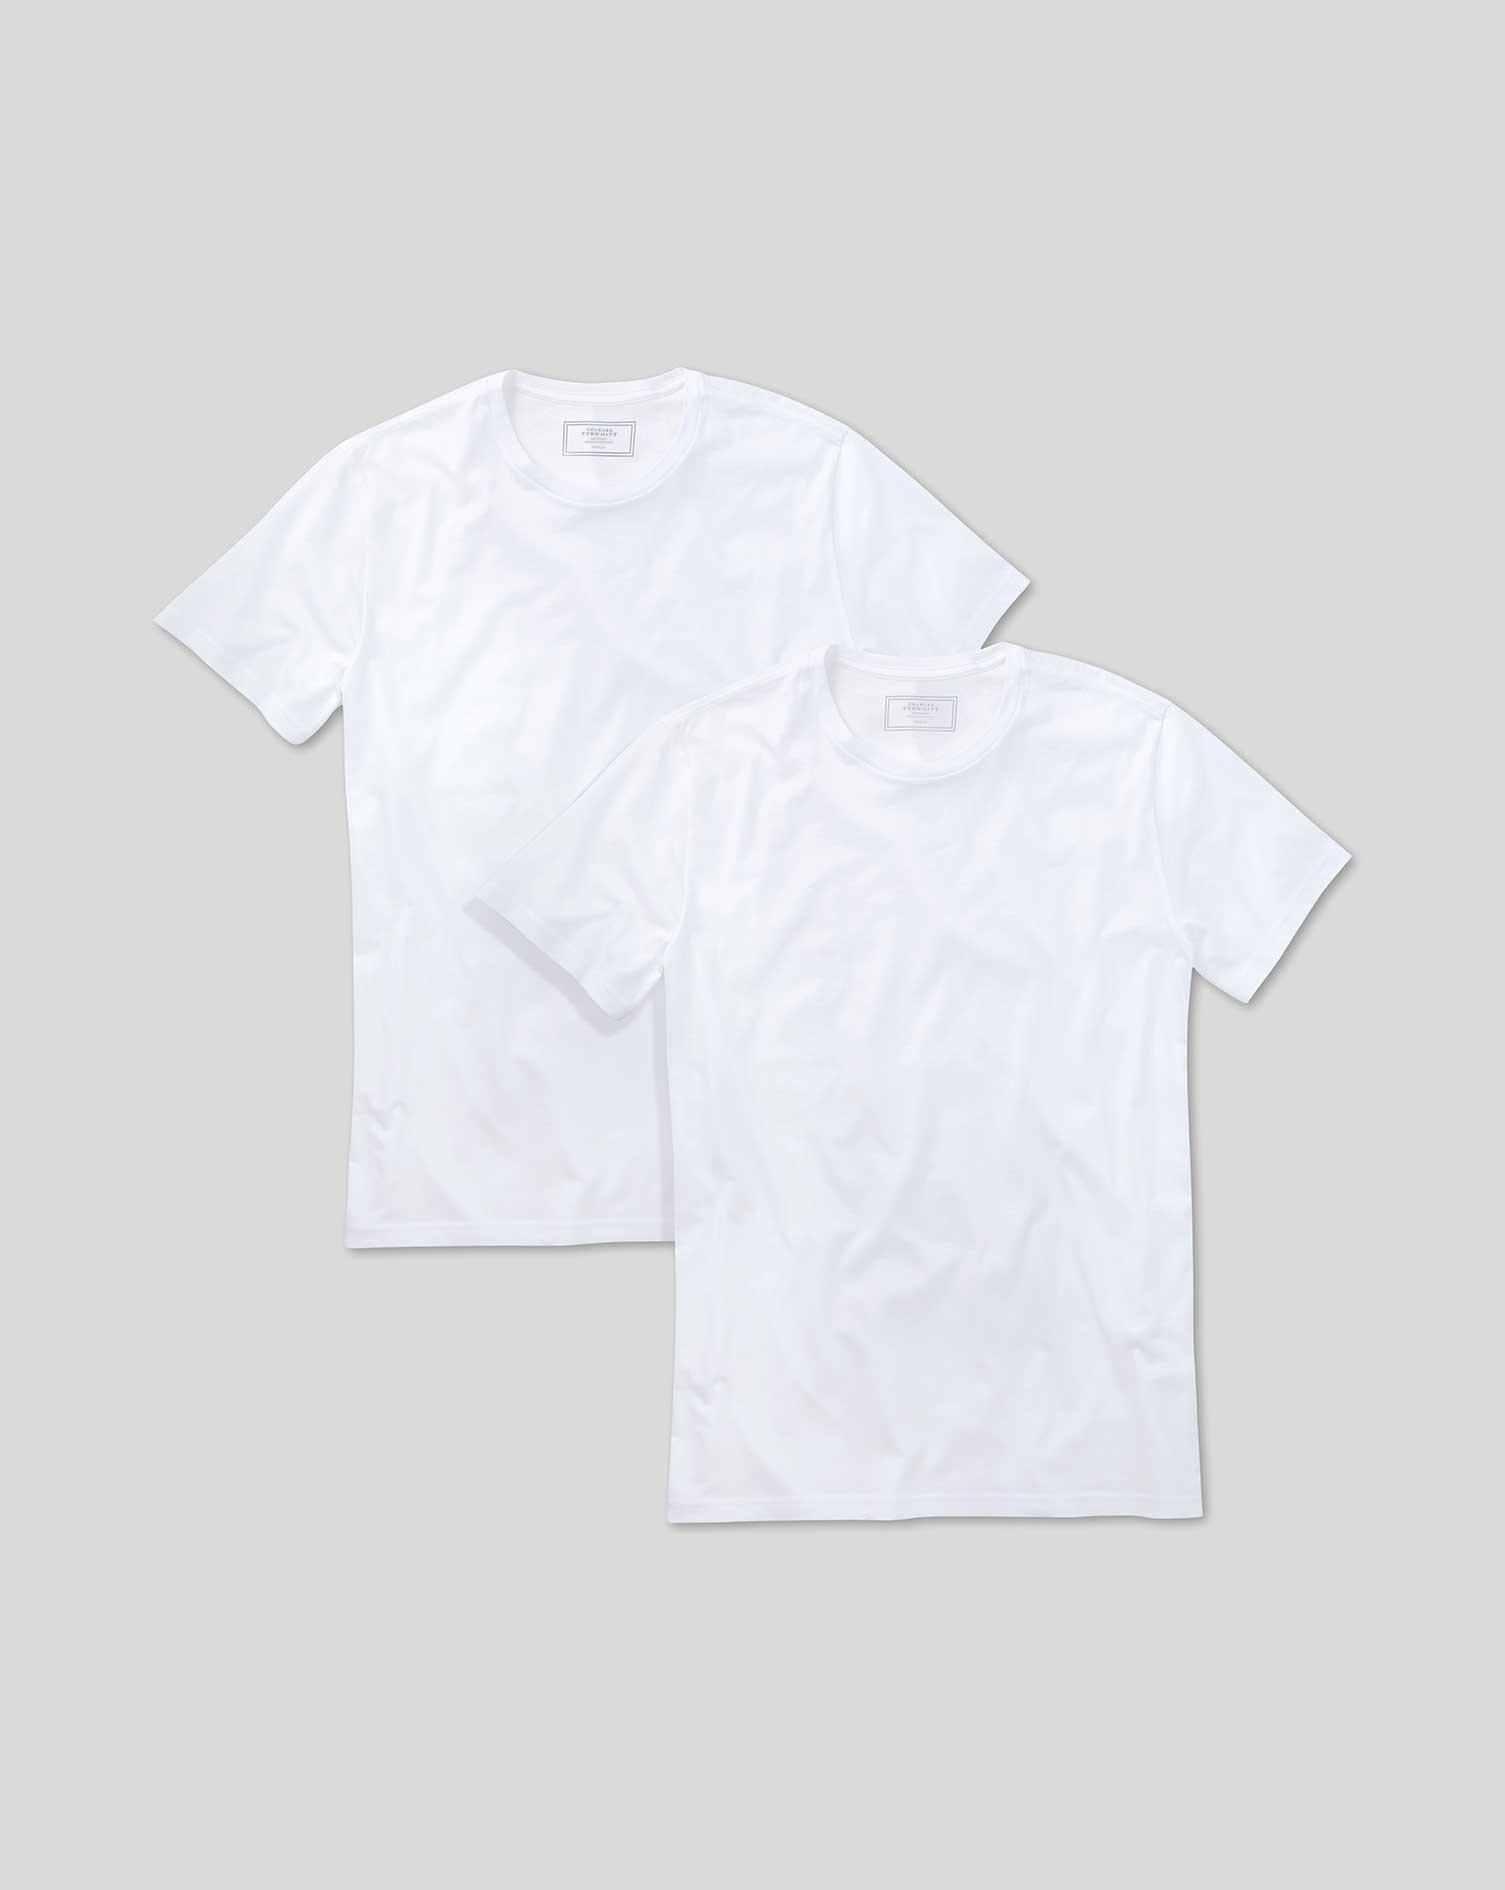 Image of Charles Tyrwhitt 2 Pack Crew Neck Undershirt T-Shirt - White Size Medium by Charles Tyrwhitt